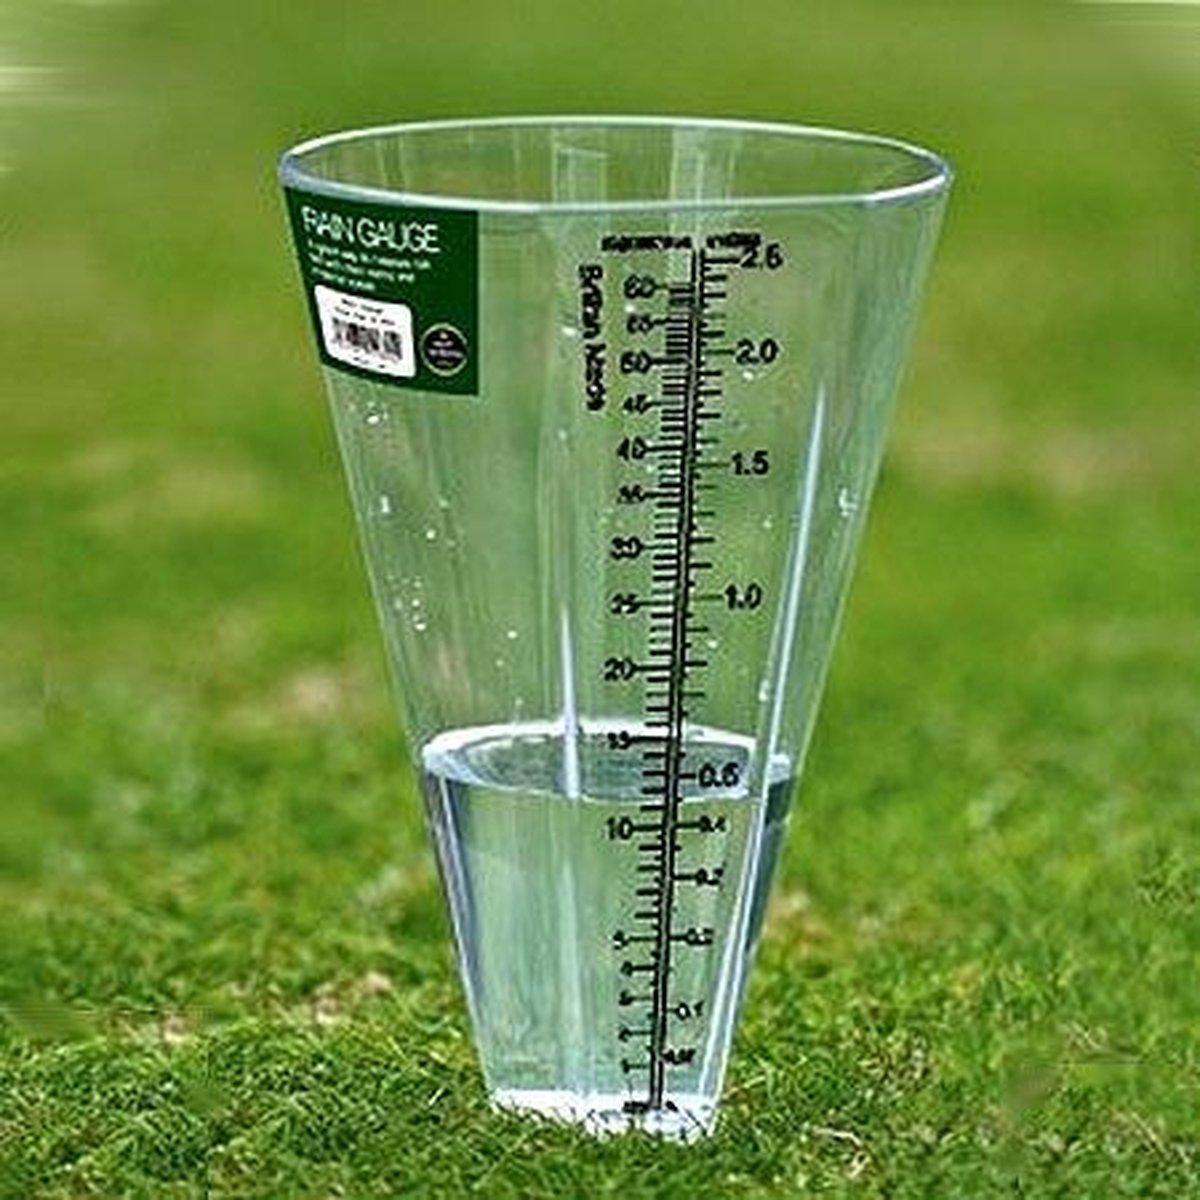 Stevige kunststof pluviometer - Merkloos